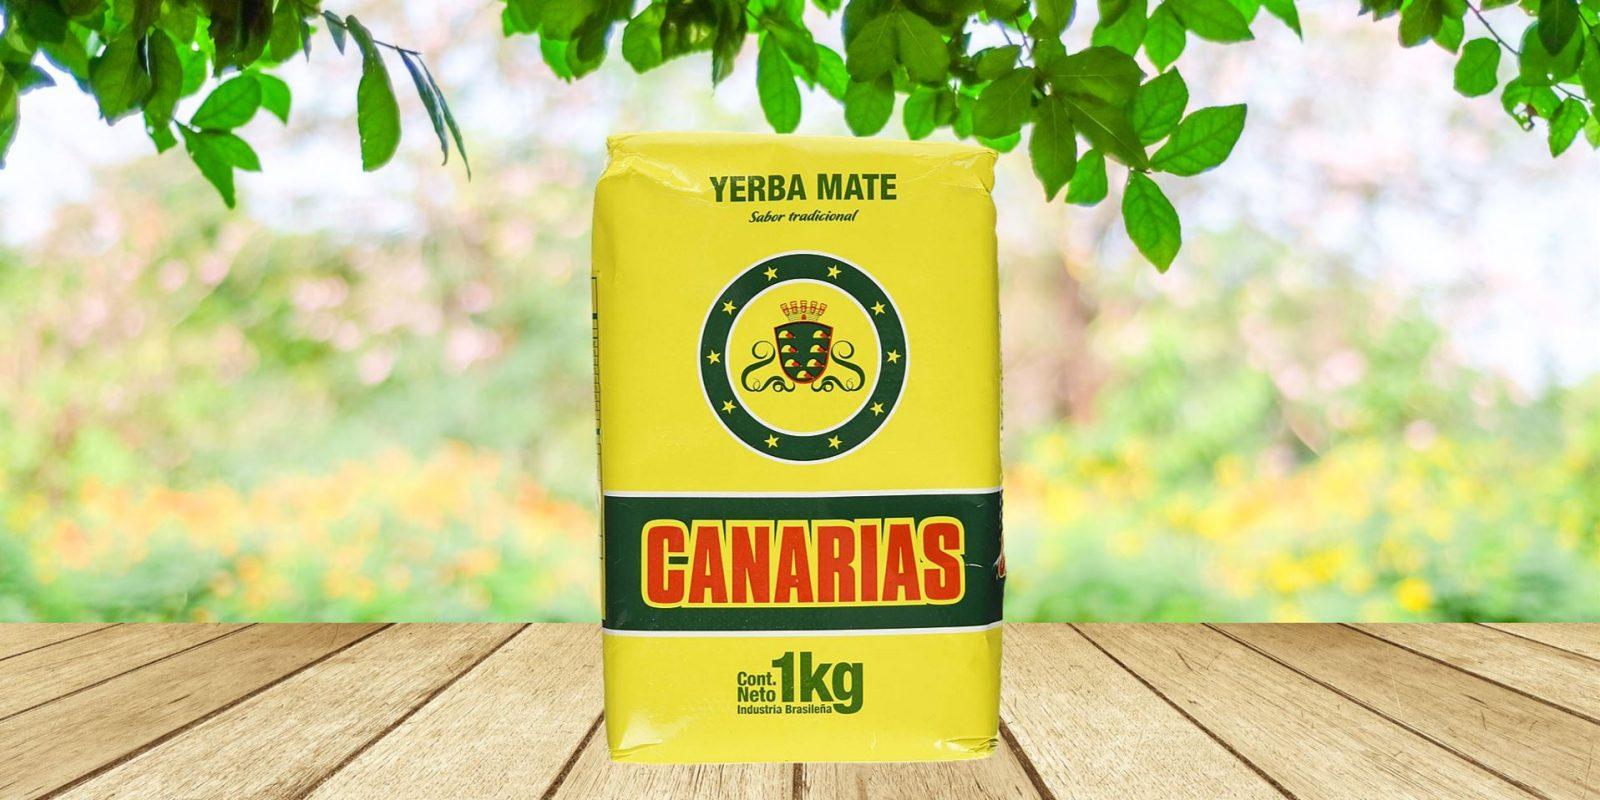 Canarias Yerba Mate Tea